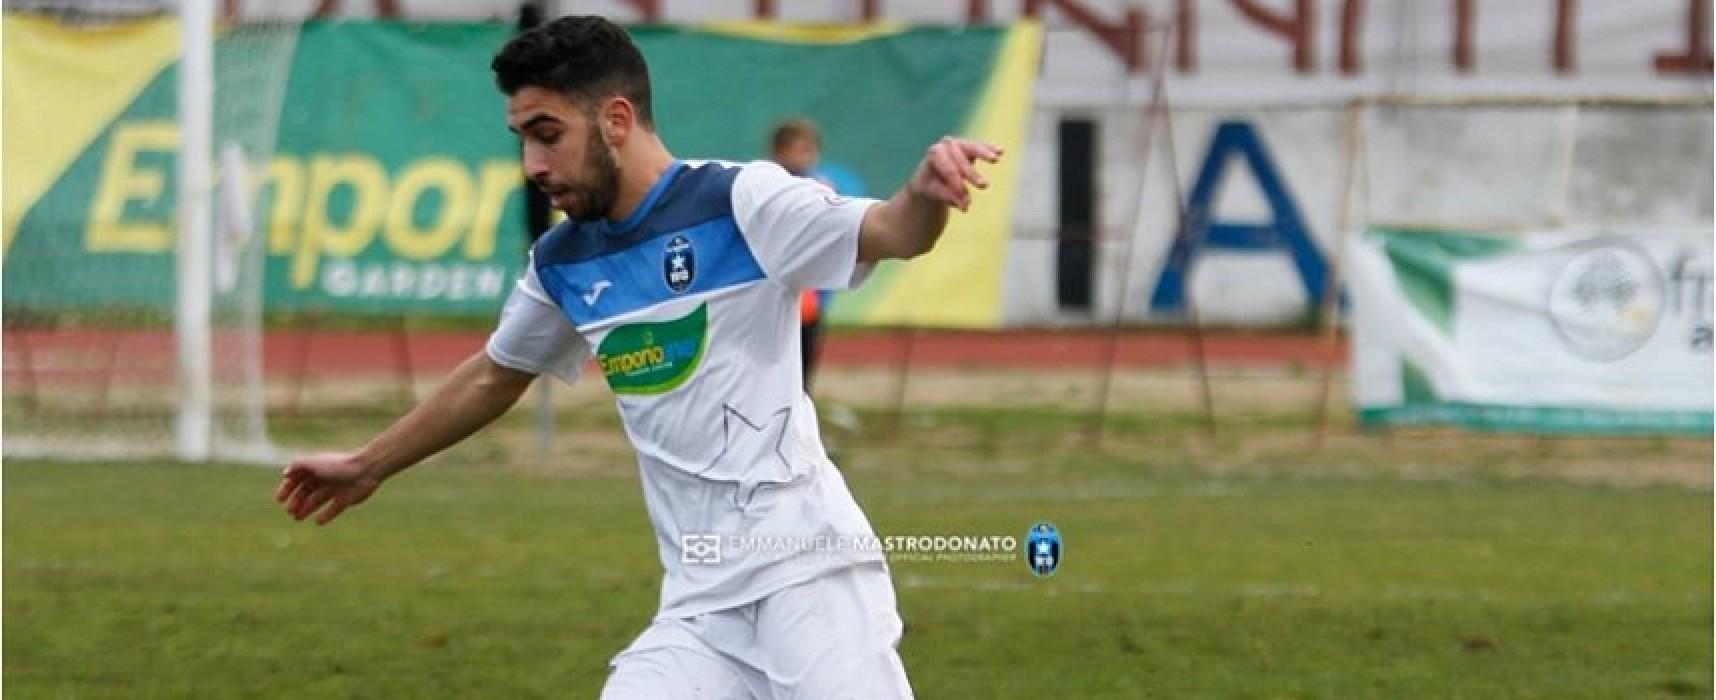 Montinaro-gol, il Bisceglie espugna Rionero e torna al successo